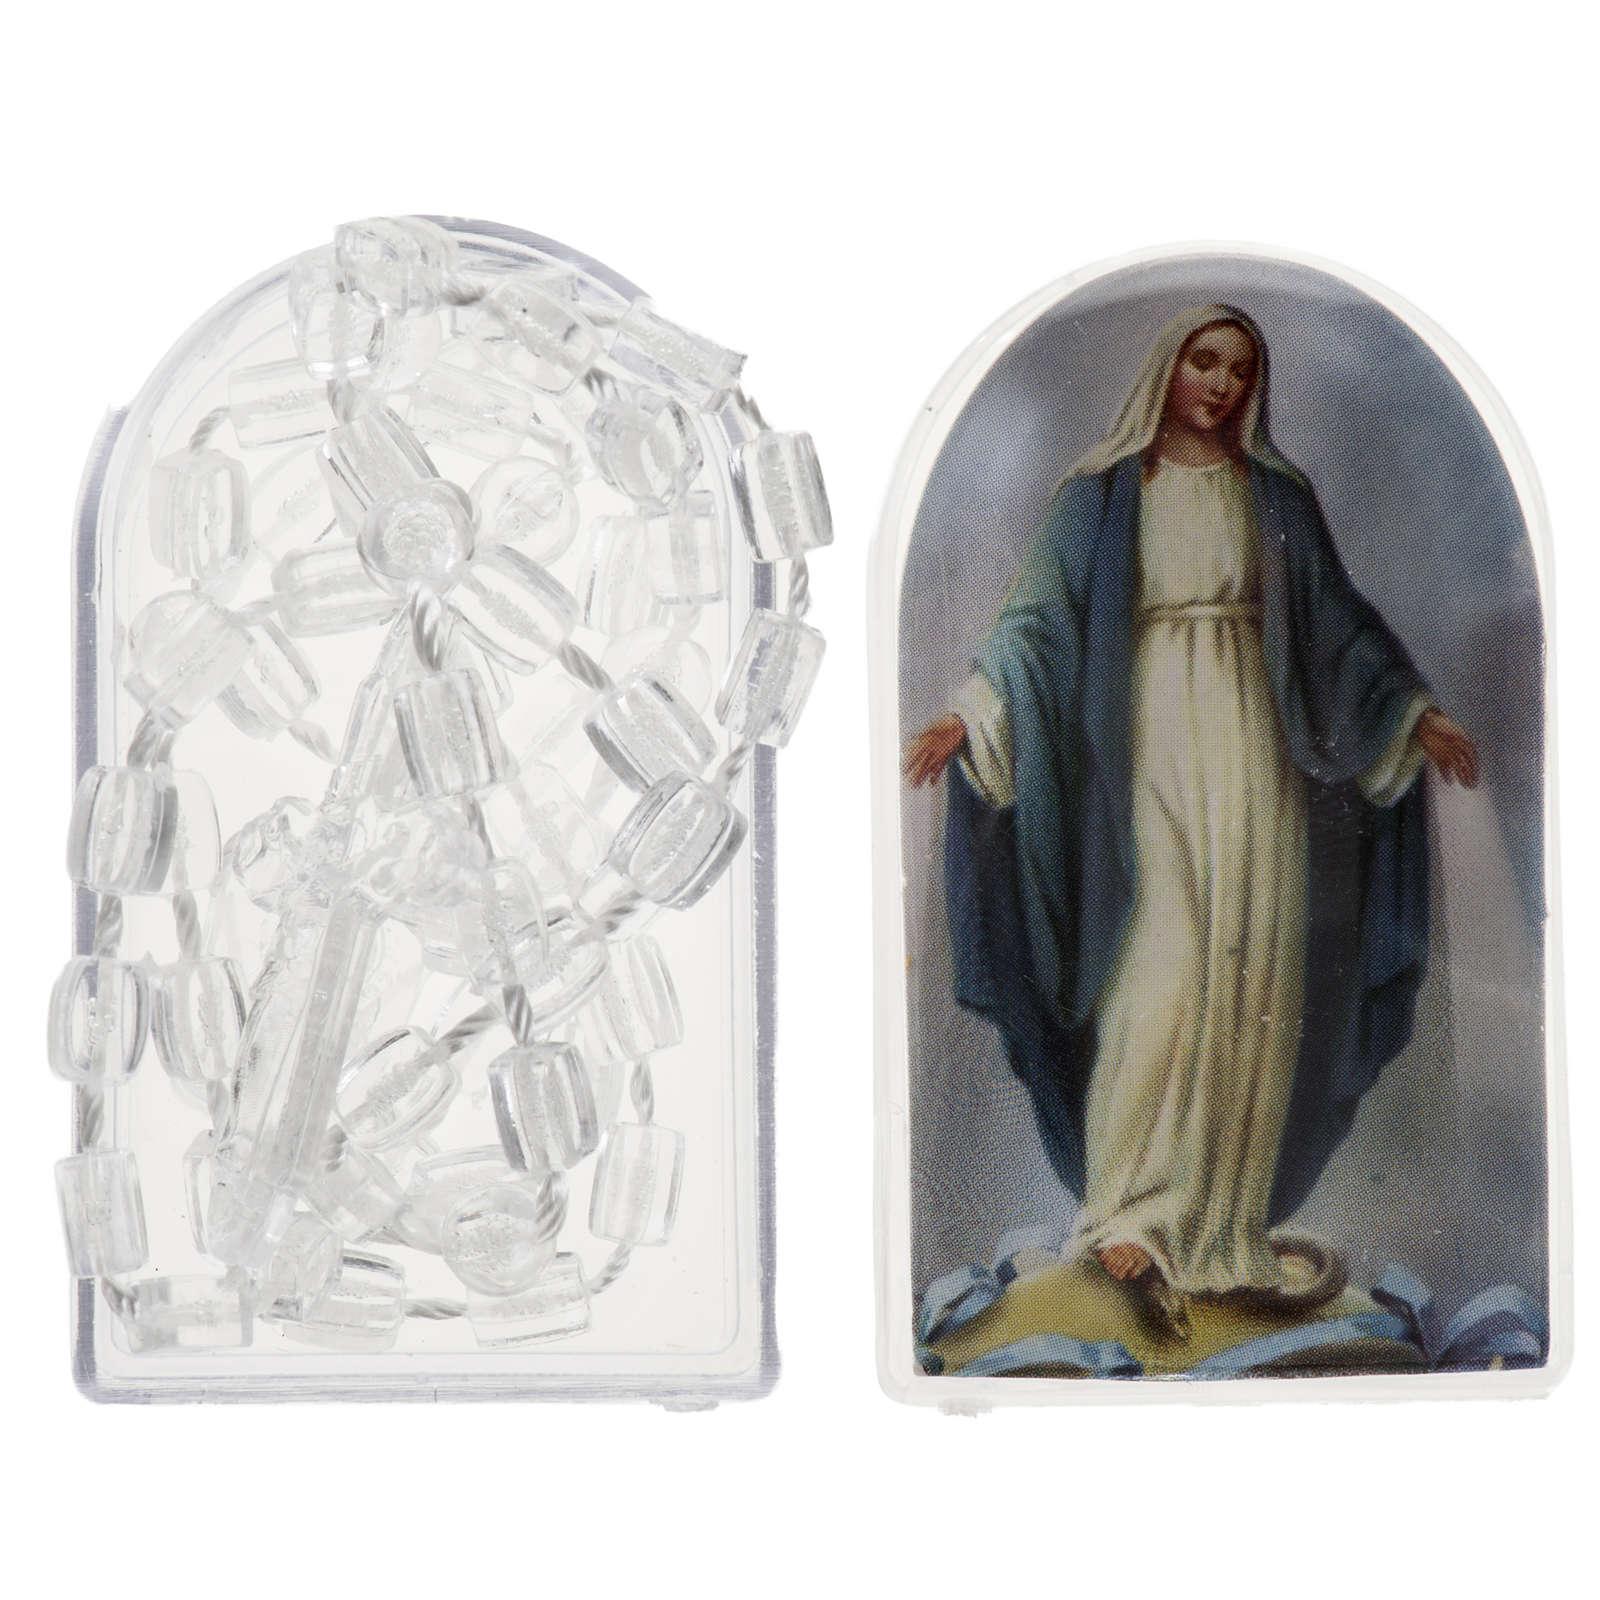 Chapelet nylon transparent avec ouverture et boite 4